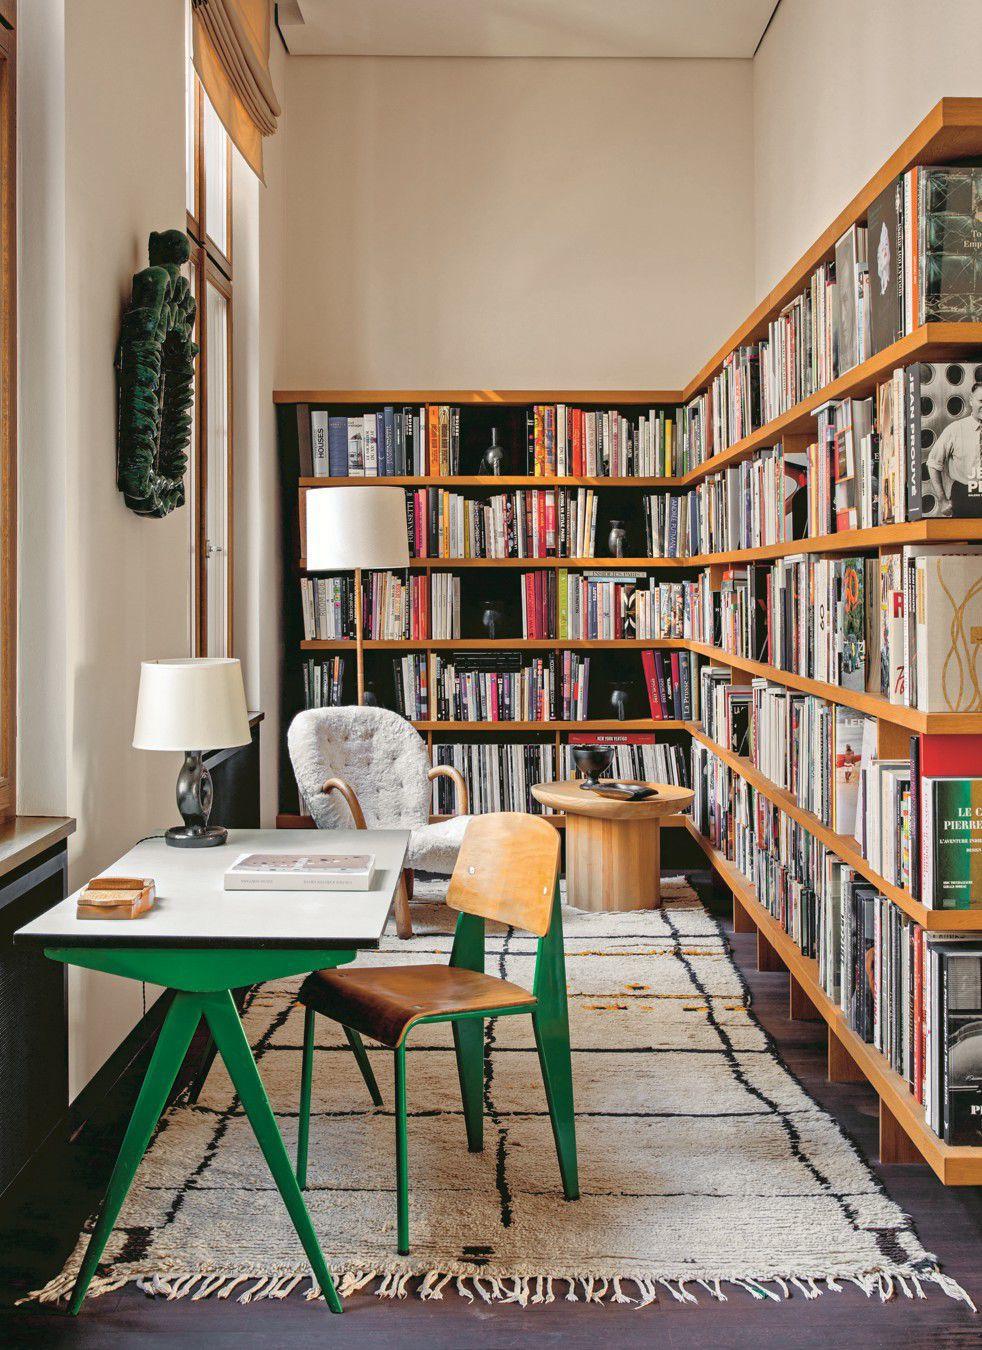 home-bookshelves-b46b6c1a-8ef2-11ea-9e23-6914ee410a5f.jpg